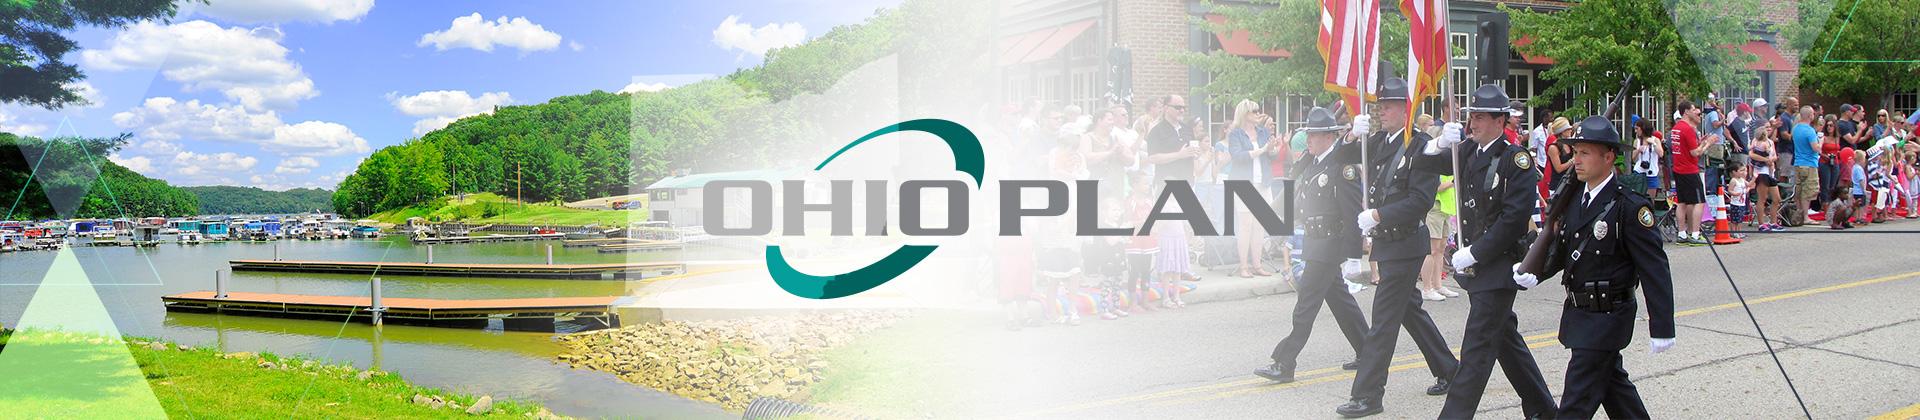 OhioPlan-slider6